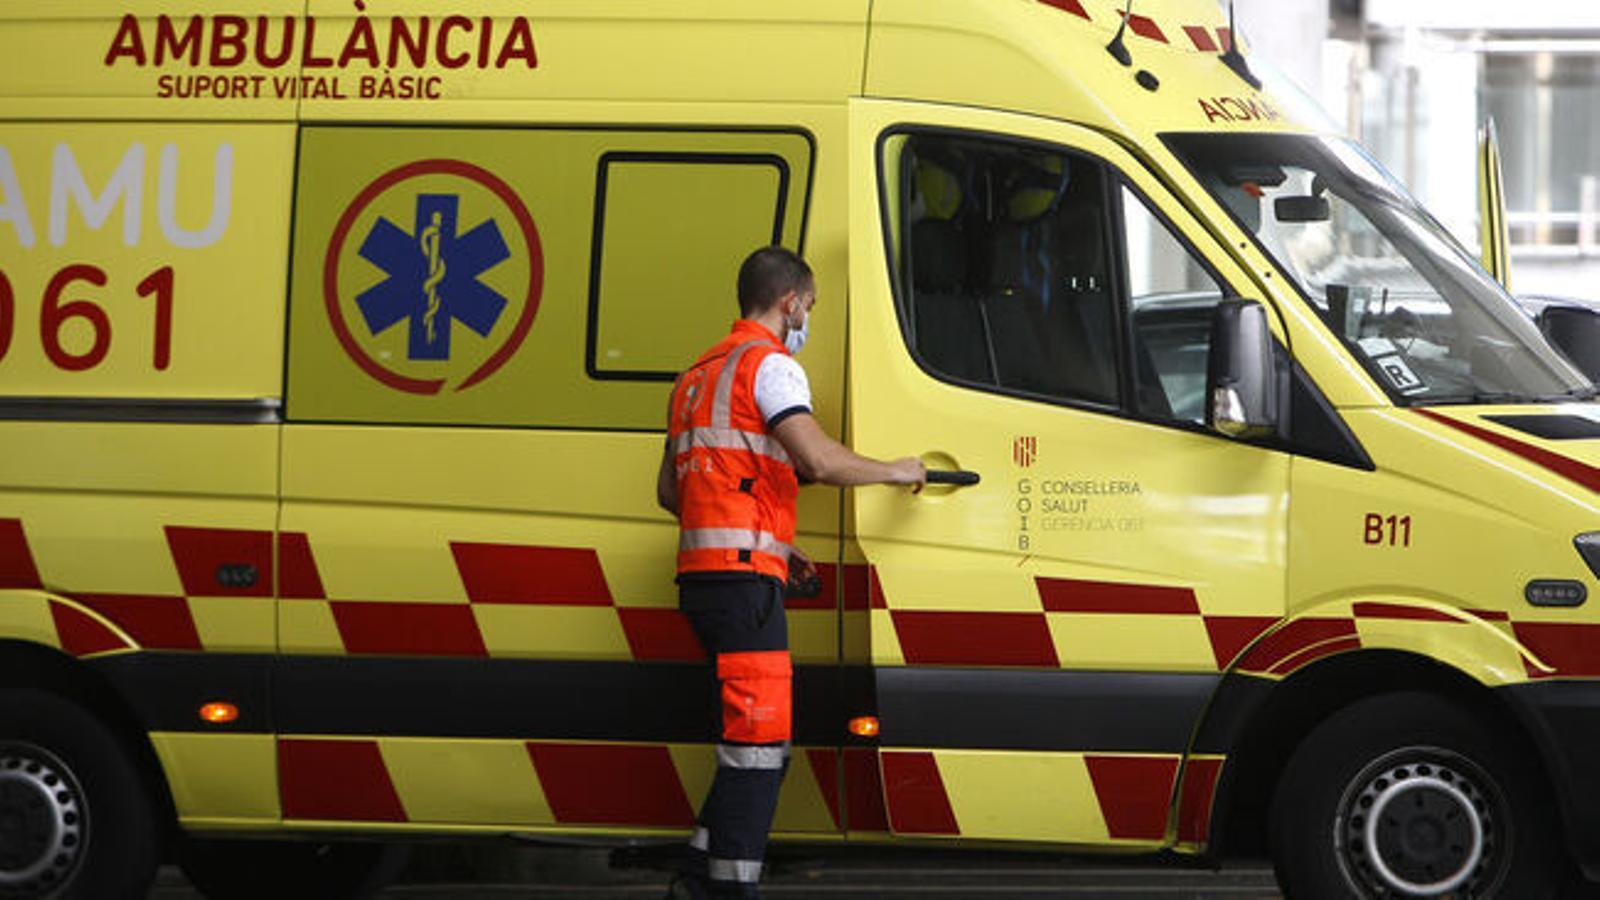 Ambulància del 061 a les portes de Son Espases. / ISAAC BUJ